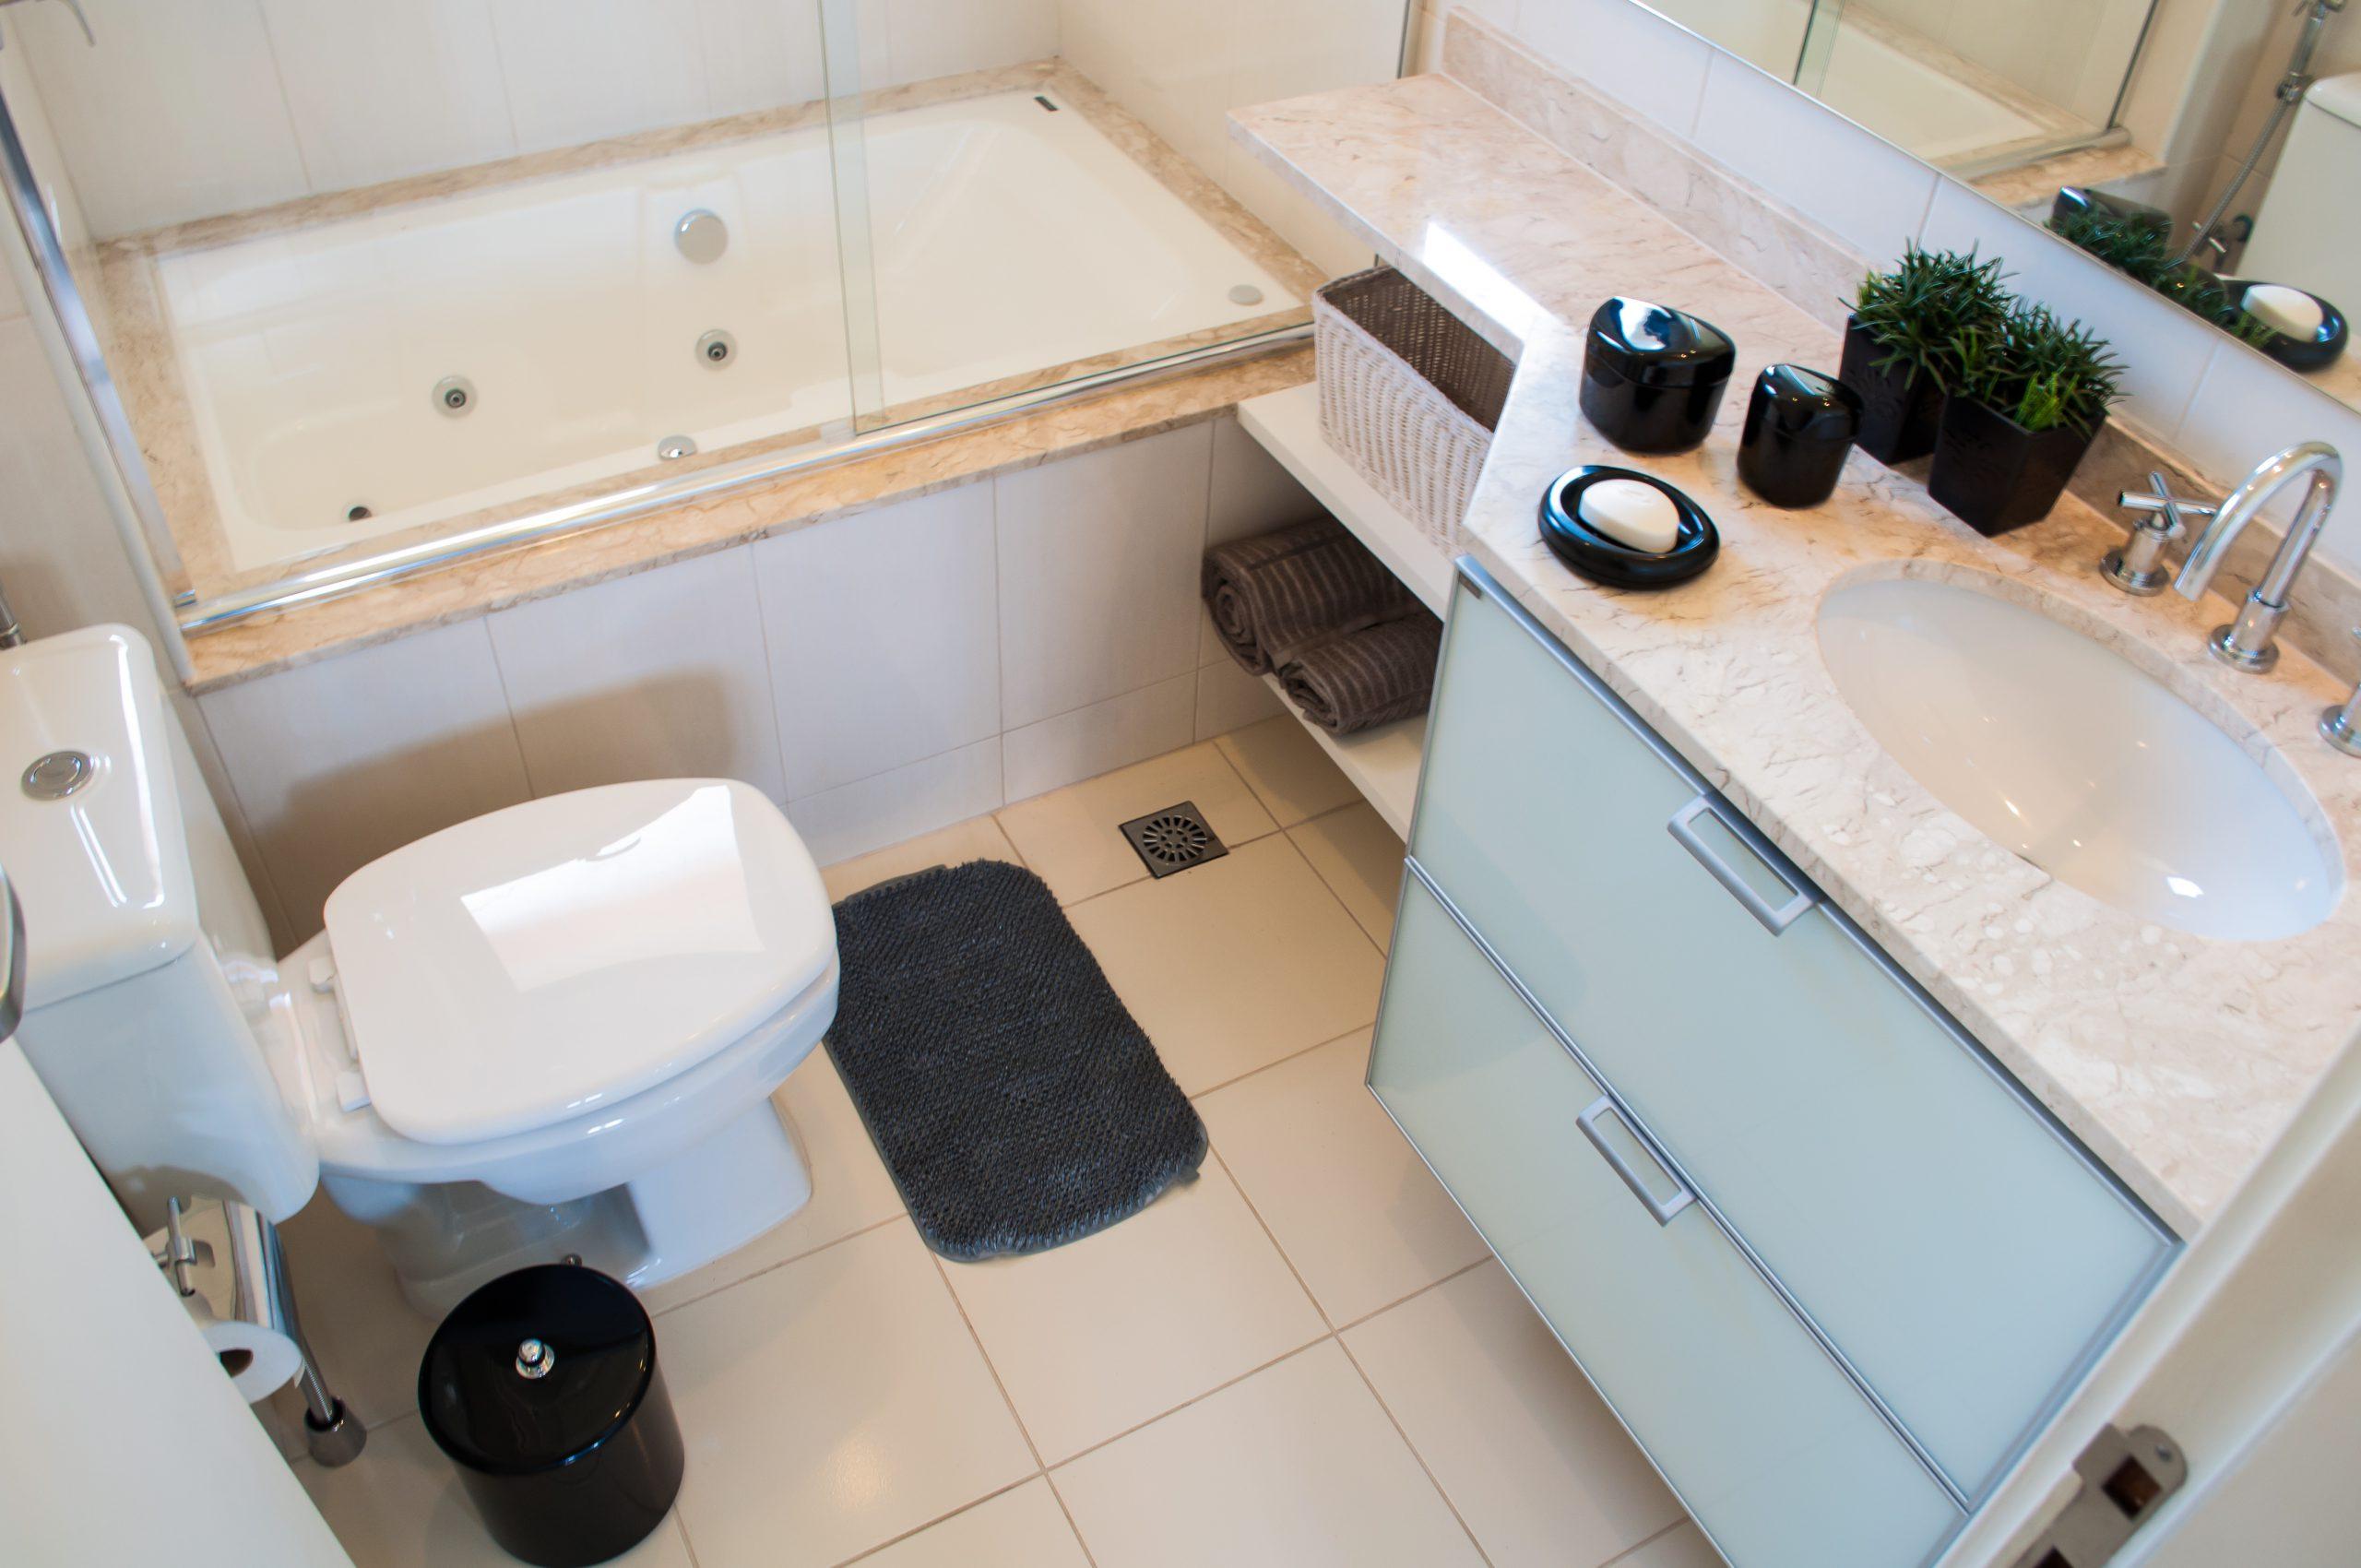 Um banheiro visto de cima, que representa uma reforma de banheiro. Da esquerda para a direita há um vaso sanitário branco, uma banheira e um box de vidro transparente. Também há um gabinete branco com acabamento em mármore claro.